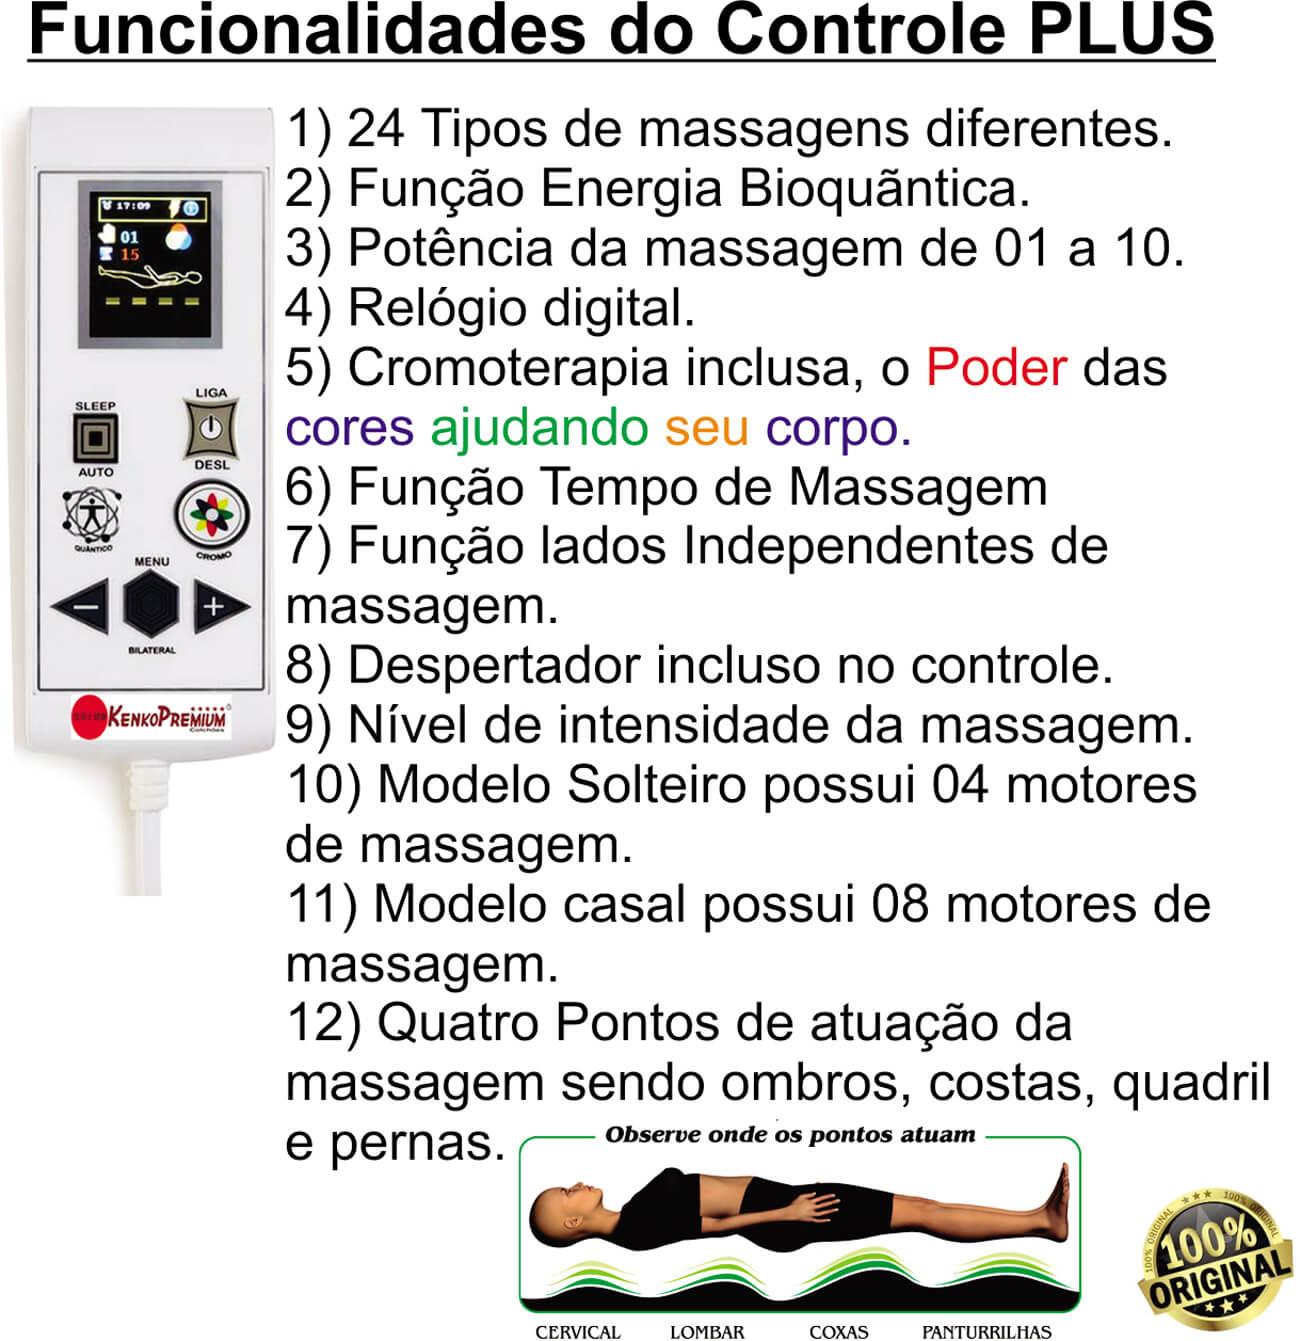 Colchão Magnético Kenko Premium Solteiro 0,88x1,88x27cm Plus C/ Massagem Eletrônica Energia Bioquãntica + Cromoterapia  - Kenko Premium Colchões